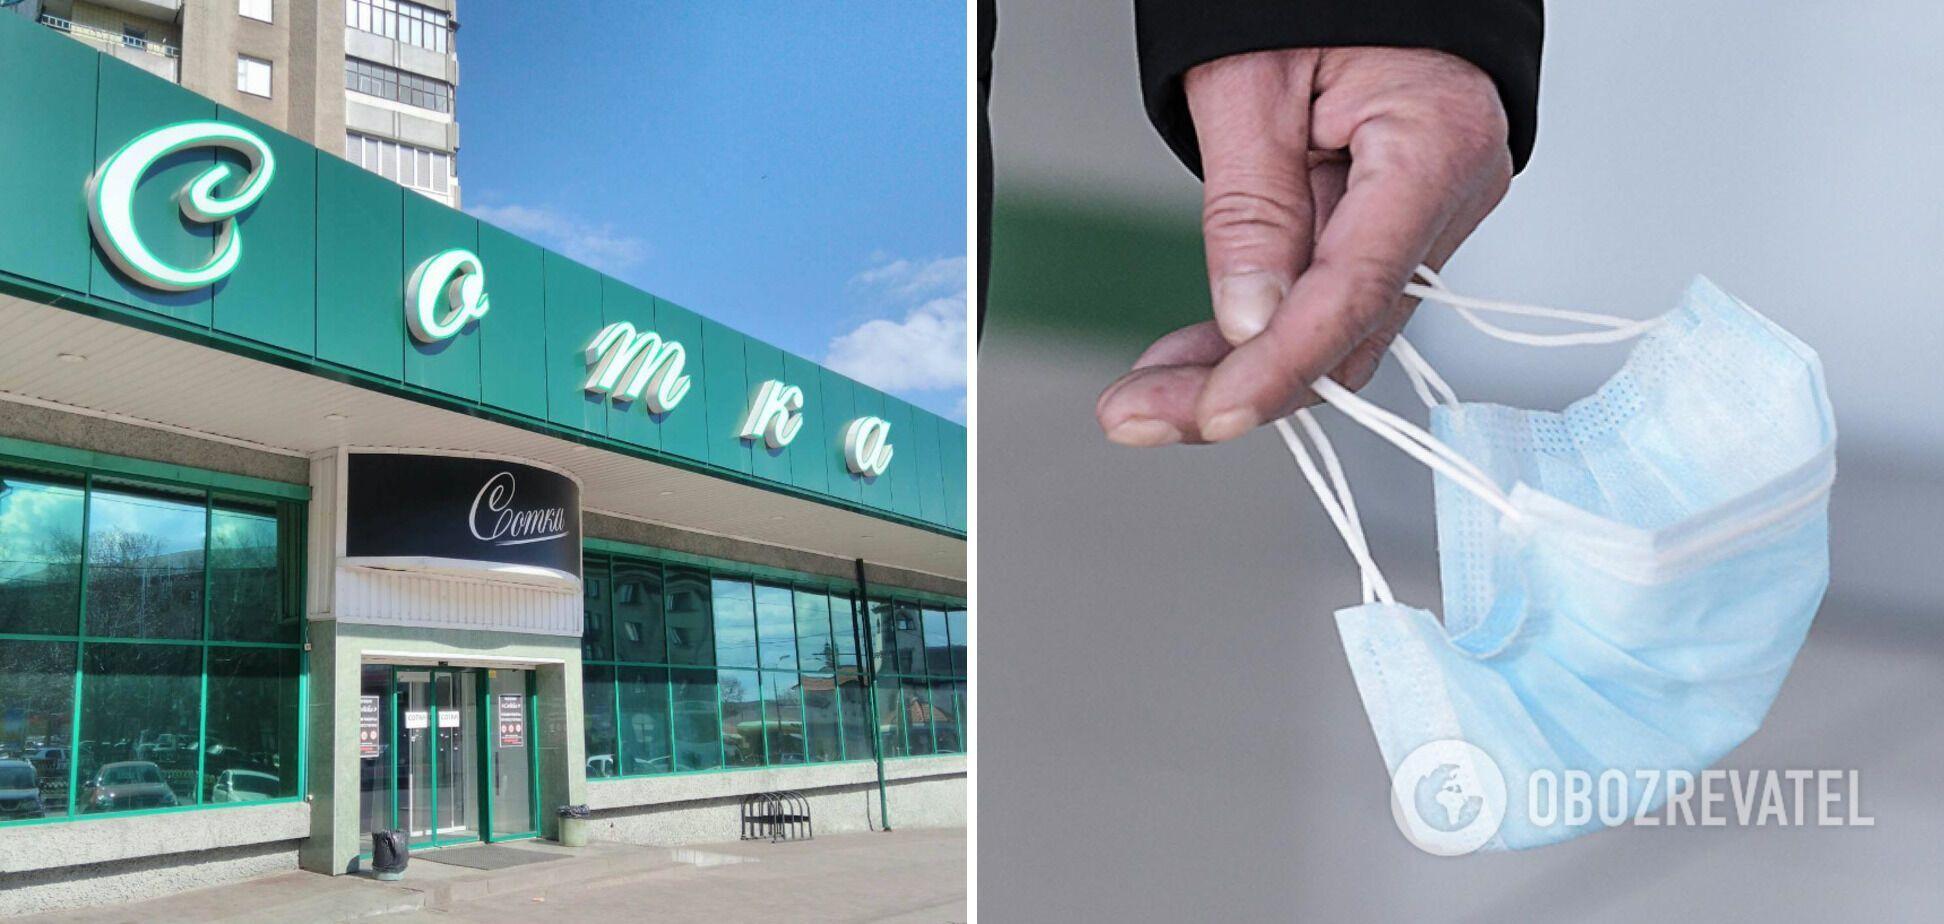 У Миколаєві група людей увірвалася в магазин і стверджувала, що COVID-19 немає. Відео